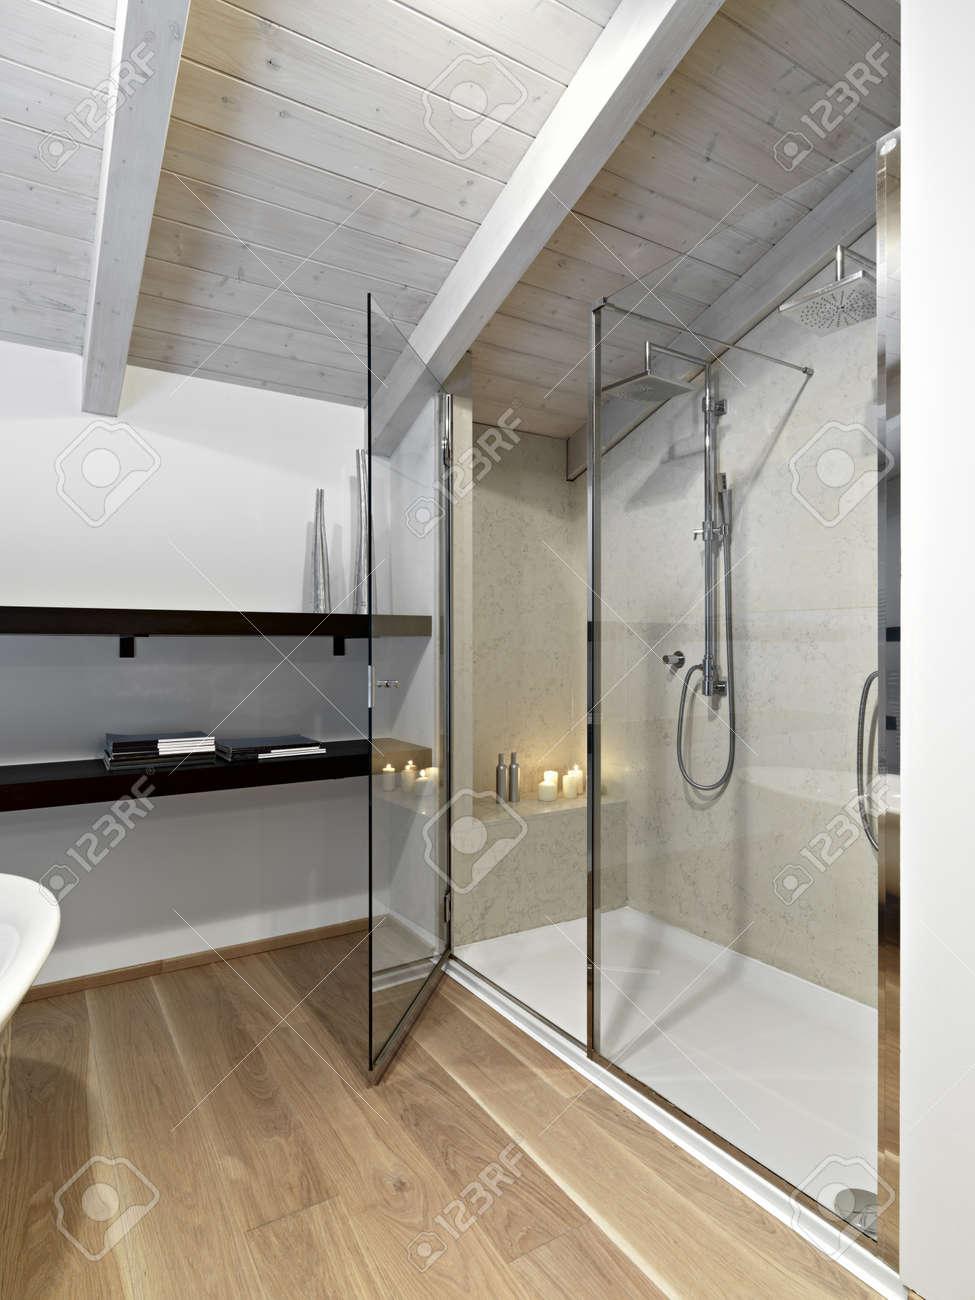 parkett badezimmer | jtleigh - hausgestaltung ideen